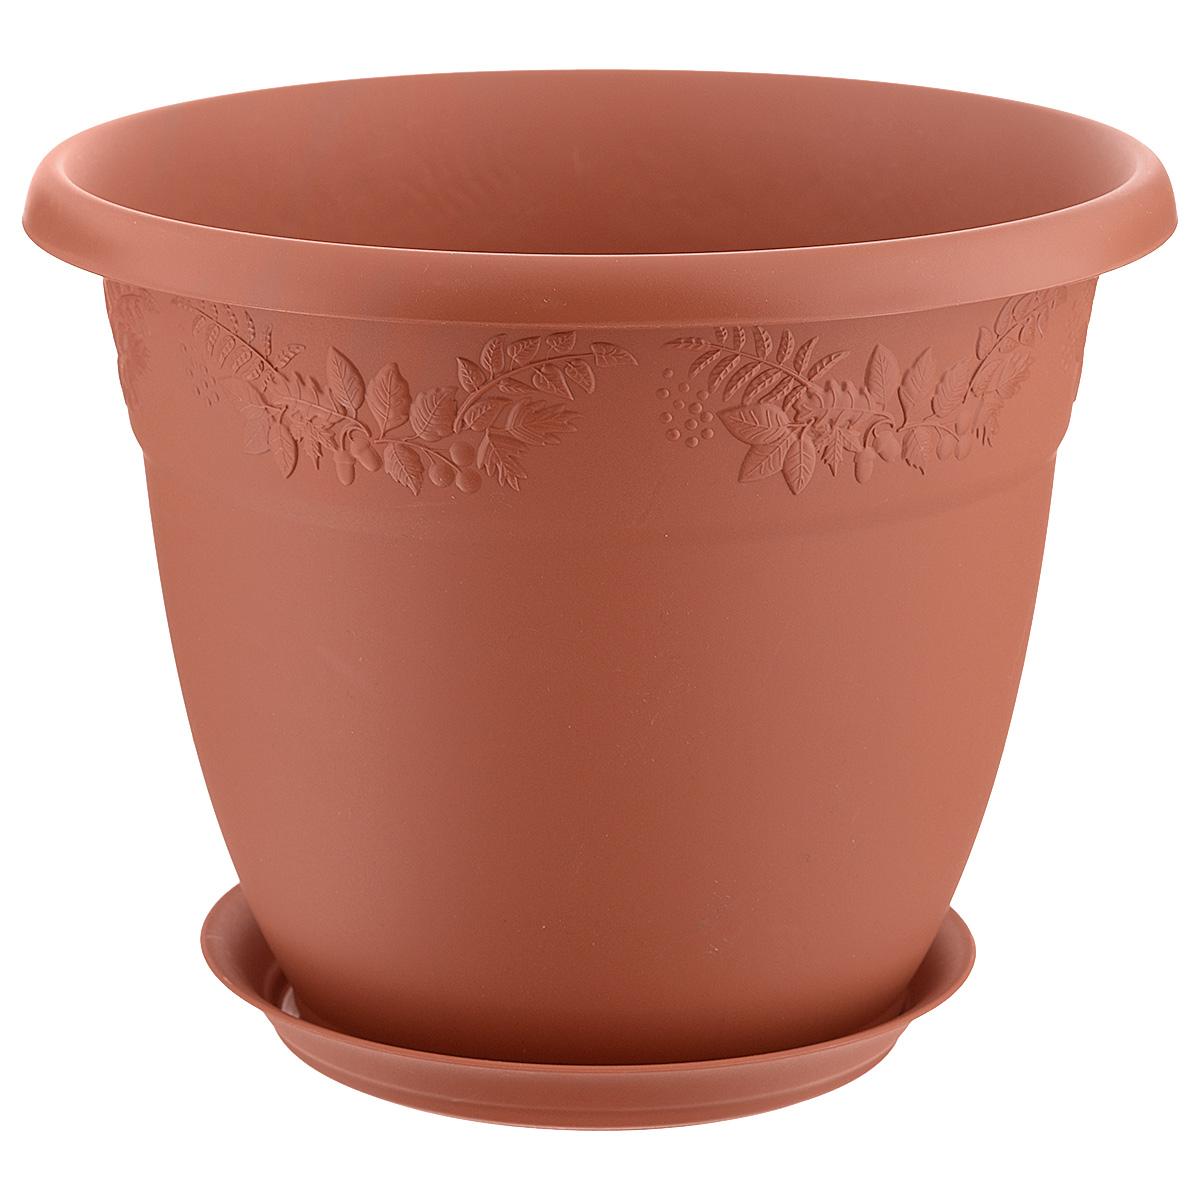 Кашпо Idea Рябина, с поддоном, цвет: терракотовый, 7,5 лМ 3057Любой, даже самый современный и продуманный интерьер будет не завершённым без растений. Они не только очищают воздух и насыщают его кислородом, но и заметно украшают окружающее пространство. Такому полезному &laquo члену семьи&raquoпросто необходимо красивое и функциональное кашпо, оригинальный горшок или необычная ваза! Мы предлагаем - Кашпо 7,5 л Рябина d=28 см, с поддоном, цвет терракотовый!Оптимальный выбор материала &mdash &nbsp пластмасса! Почему мы так считаем? Малый вес. С лёгкостью переносите горшки и кашпо с места на место, ставьте их на столики или полки, подвешивайте под потолок, не беспокоясь о нагрузке. Простота ухода. Пластиковые изделия не нуждаются в специальных условиях хранения. Их&nbsp легко чистить &mdashдостаточно просто сполоснуть тёплой водой. Никаких царапин. Пластиковые кашпо не царапают и не загрязняют поверхности, на которых стоят. Пластик дольше хранит влагу, а значит &mdashрастение реже нуждается в поливе. Пластмасса не пропускает воздух &mdashкорневой системе растения не грозят резкие перепады температур. Огромный выбор форм, декора и расцветок &mdashвы без труда подберёте что-то, что идеально впишется в уже существующий интерьер.Соблюдая нехитрые правила ухода, вы можете заметно продлить срок службы горшков, вазонов и кашпо из пластика: всегда учитывайте размер кроны и корневой системы растения (при разрастании большое растение способно повредить маленький горшок)берегите изделие от воздействия прямых солнечных лучей, чтобы кашпо и горшки не выцветалидержите кашпо и горшки из пластика подальше от нагревающихся поверхностей.Создавайте прекрасные цветочные композиции, выращивайте рассаду или необычные растения, а низкие цены позволят вам не ограничивать себя в выборе.